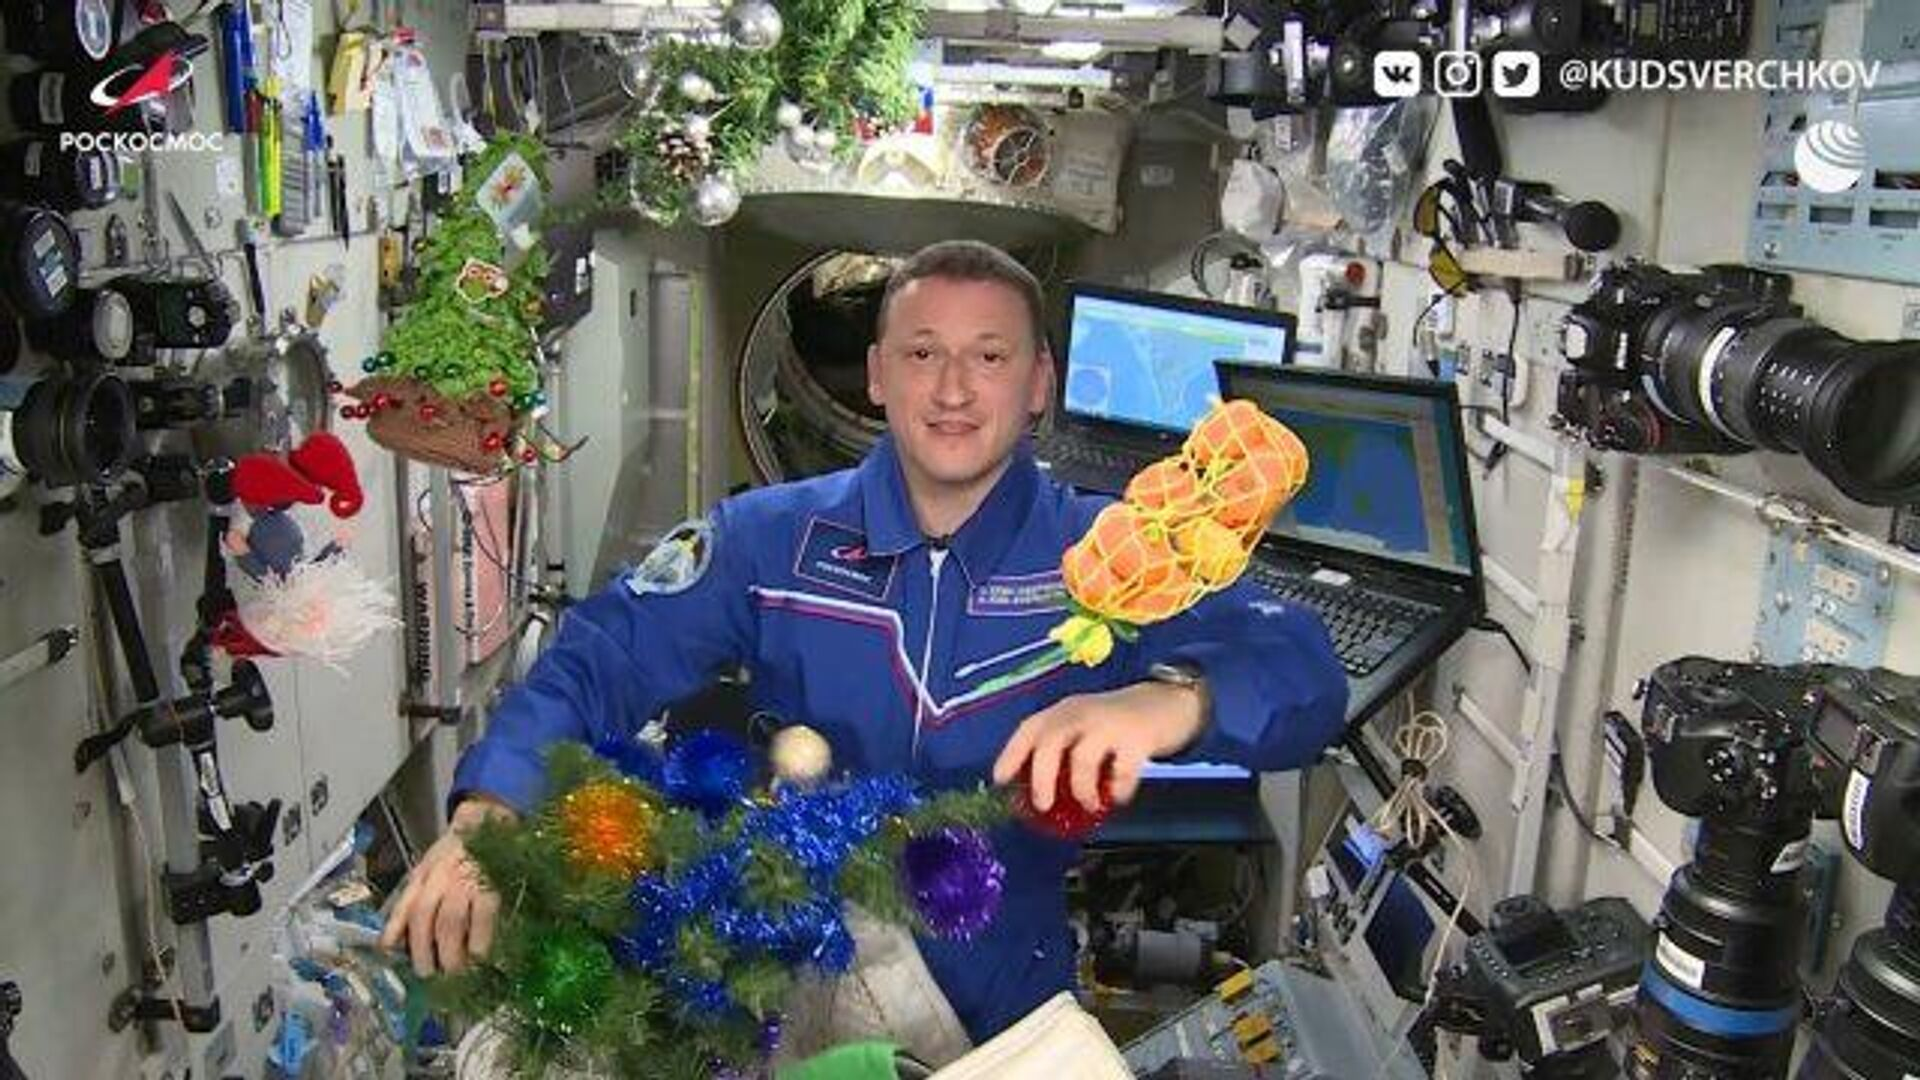 Космический Новый год: как на МКС готовятся к празднику - РИА Новости, 1920, 31.12.2020